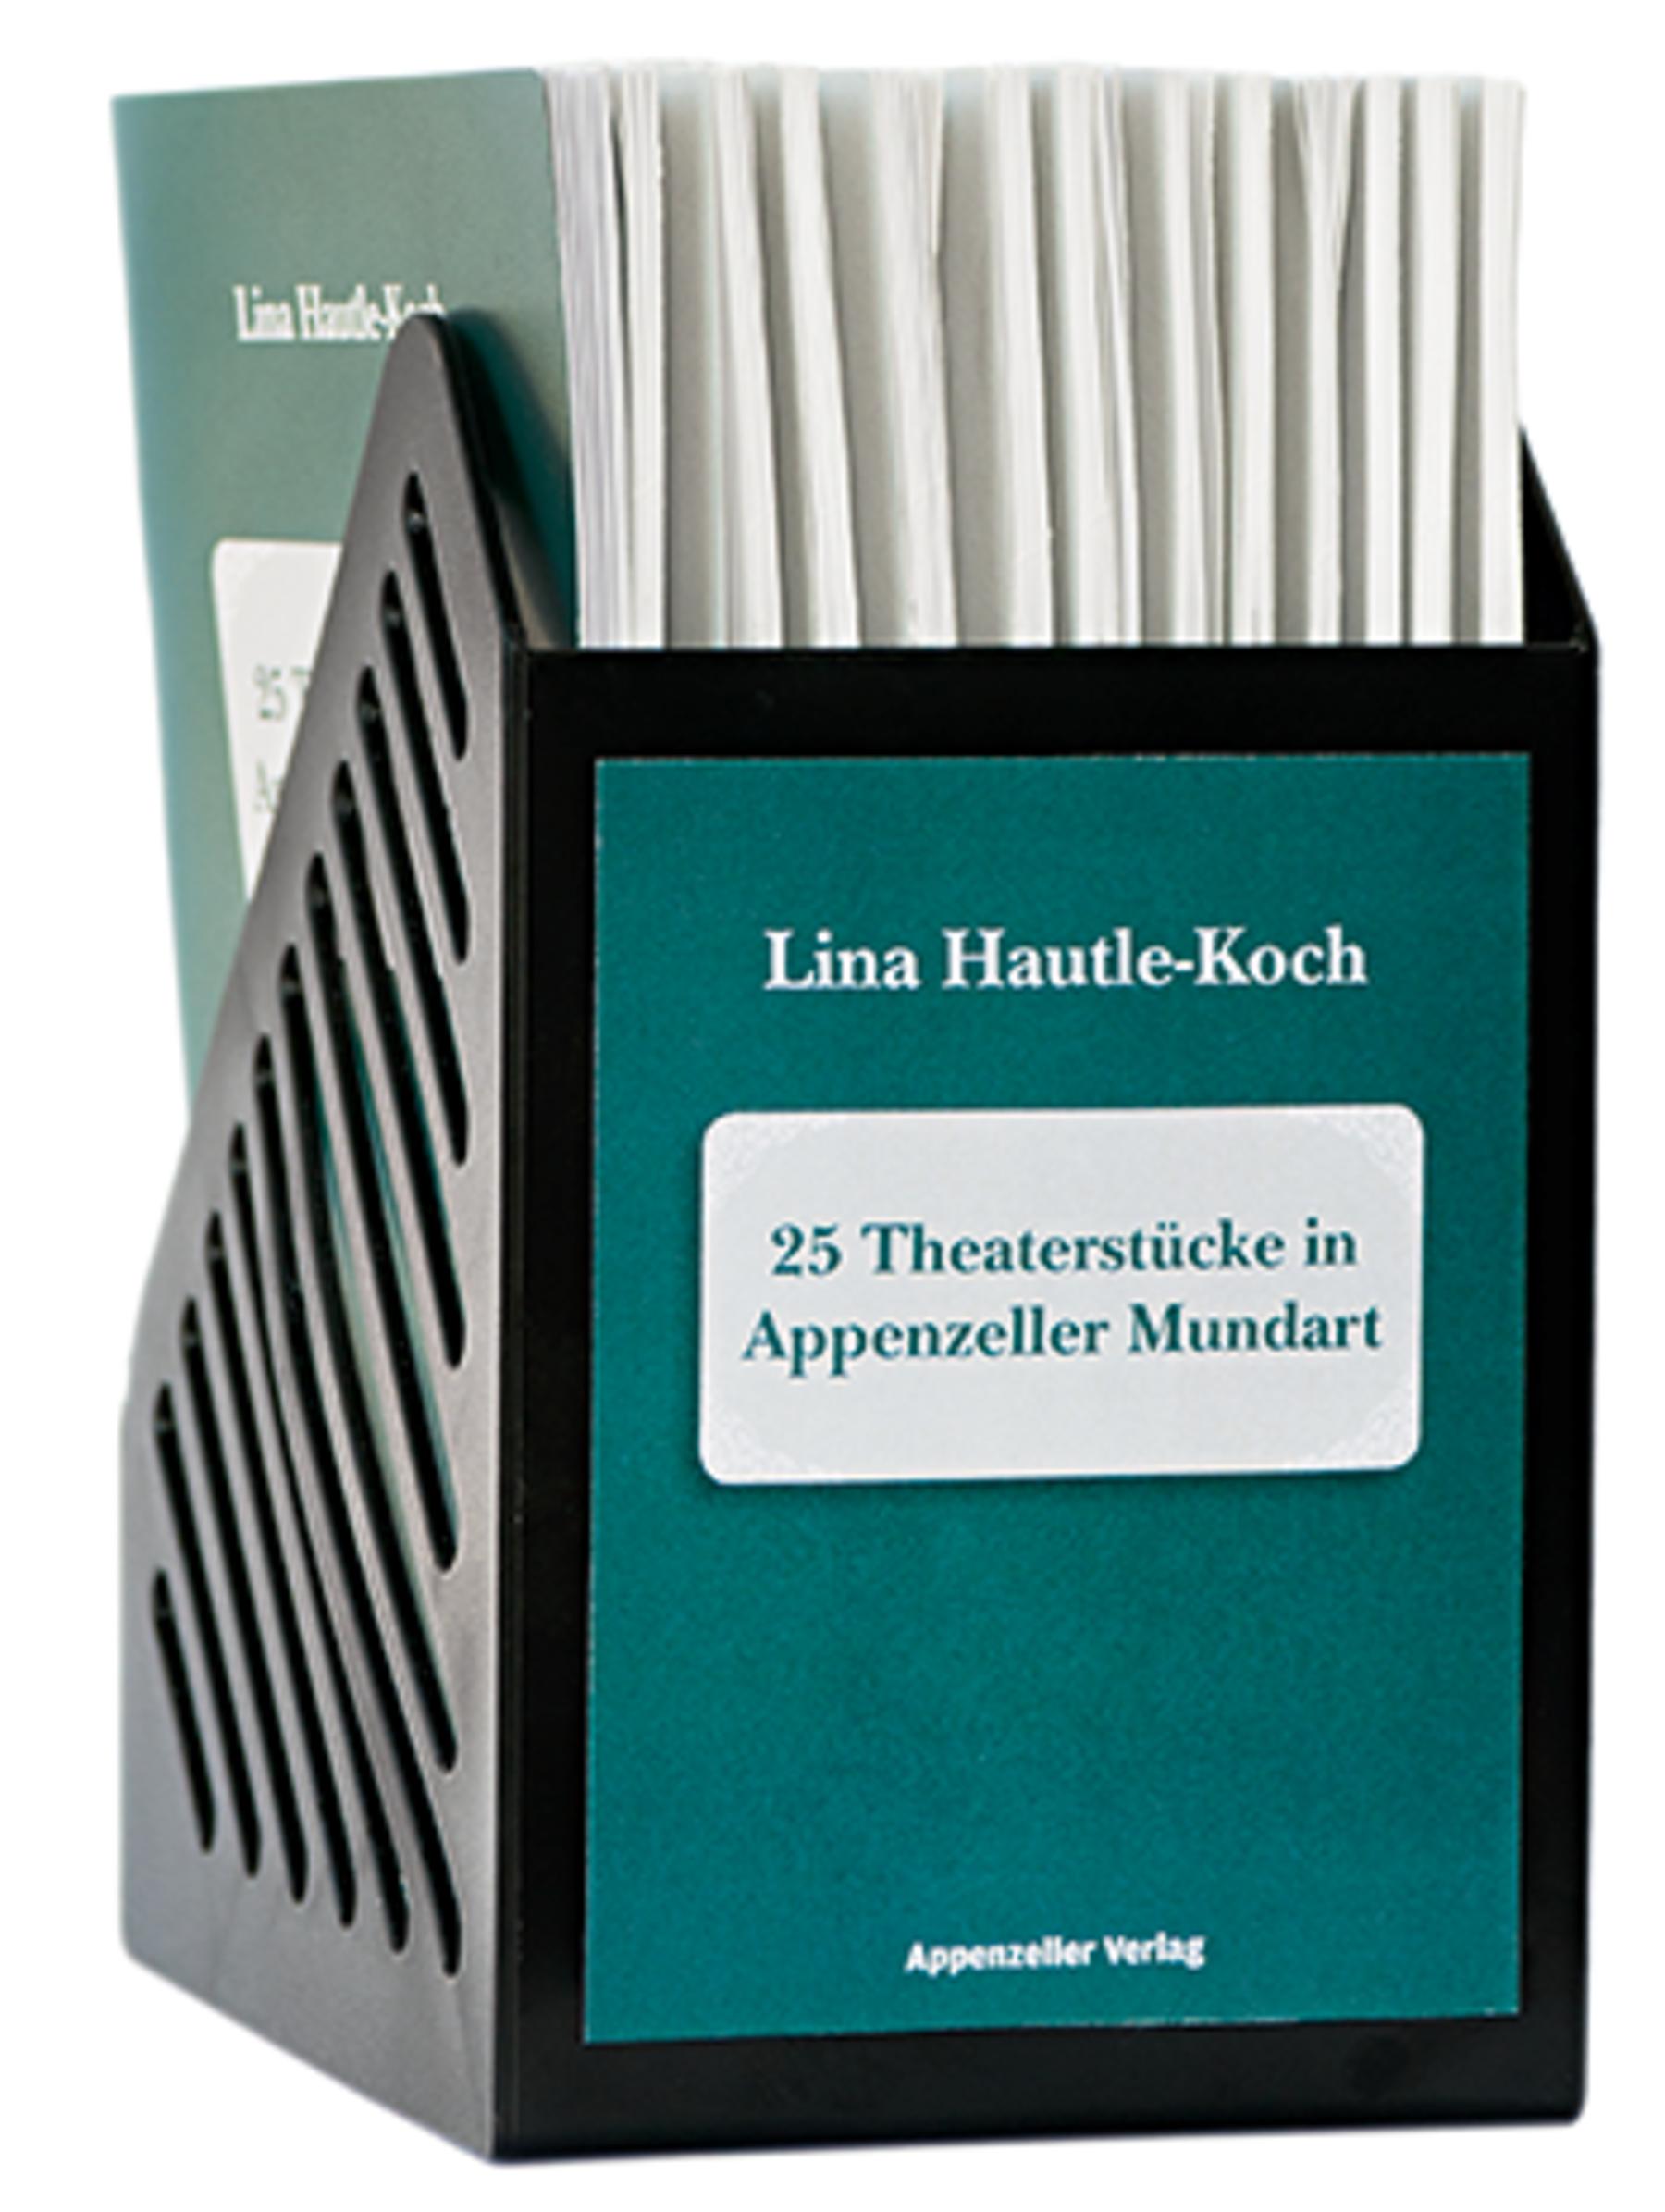 25 Theaterstücke in Appenzeller Mundart